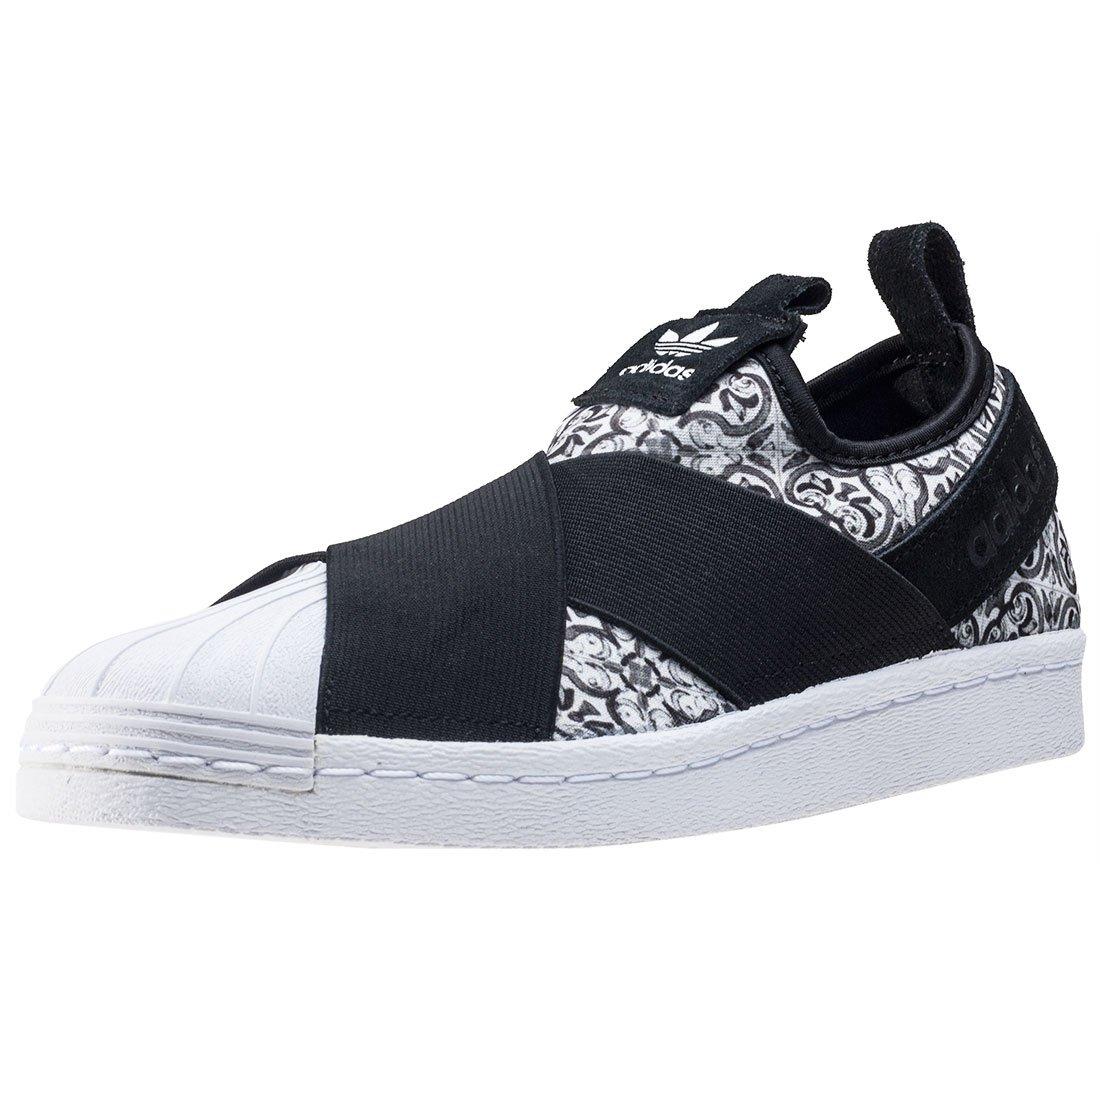 adidas Damen Superstar Slipon W Fitnessschuhe, Schwarz  6 UK|Black White